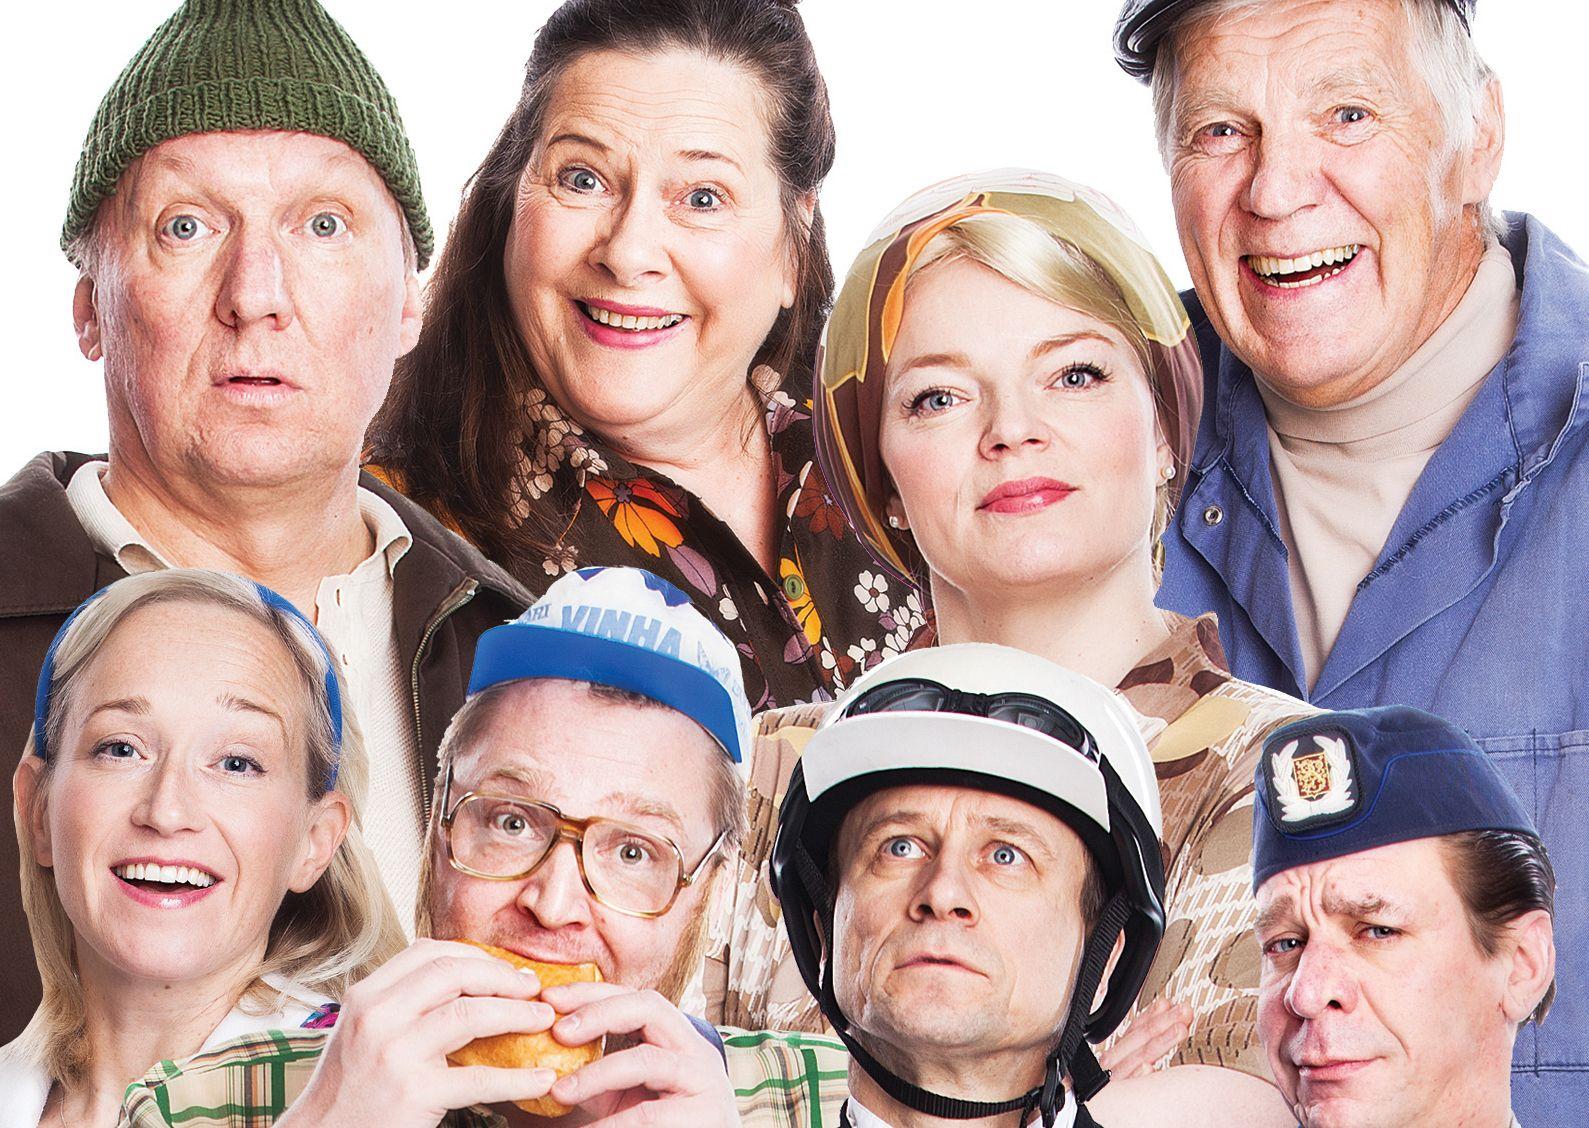 Komediateatteri Lunasta tarjouslippusi kesäteatterin hulvattomiin näytelmiin! Tampereen Komediateatterissa viihdytään teatteriesitysten parissa ympäri vuoden. Kesäteatterissamme nähdään tänä kesänä näytelmä Tankki täyteen. Syksyllä päänäyttämön valloittaa traaginen komedia Pukija.  #komediateatteri #tampere #rakastampere #kesäteatteri #tankkitäyteen